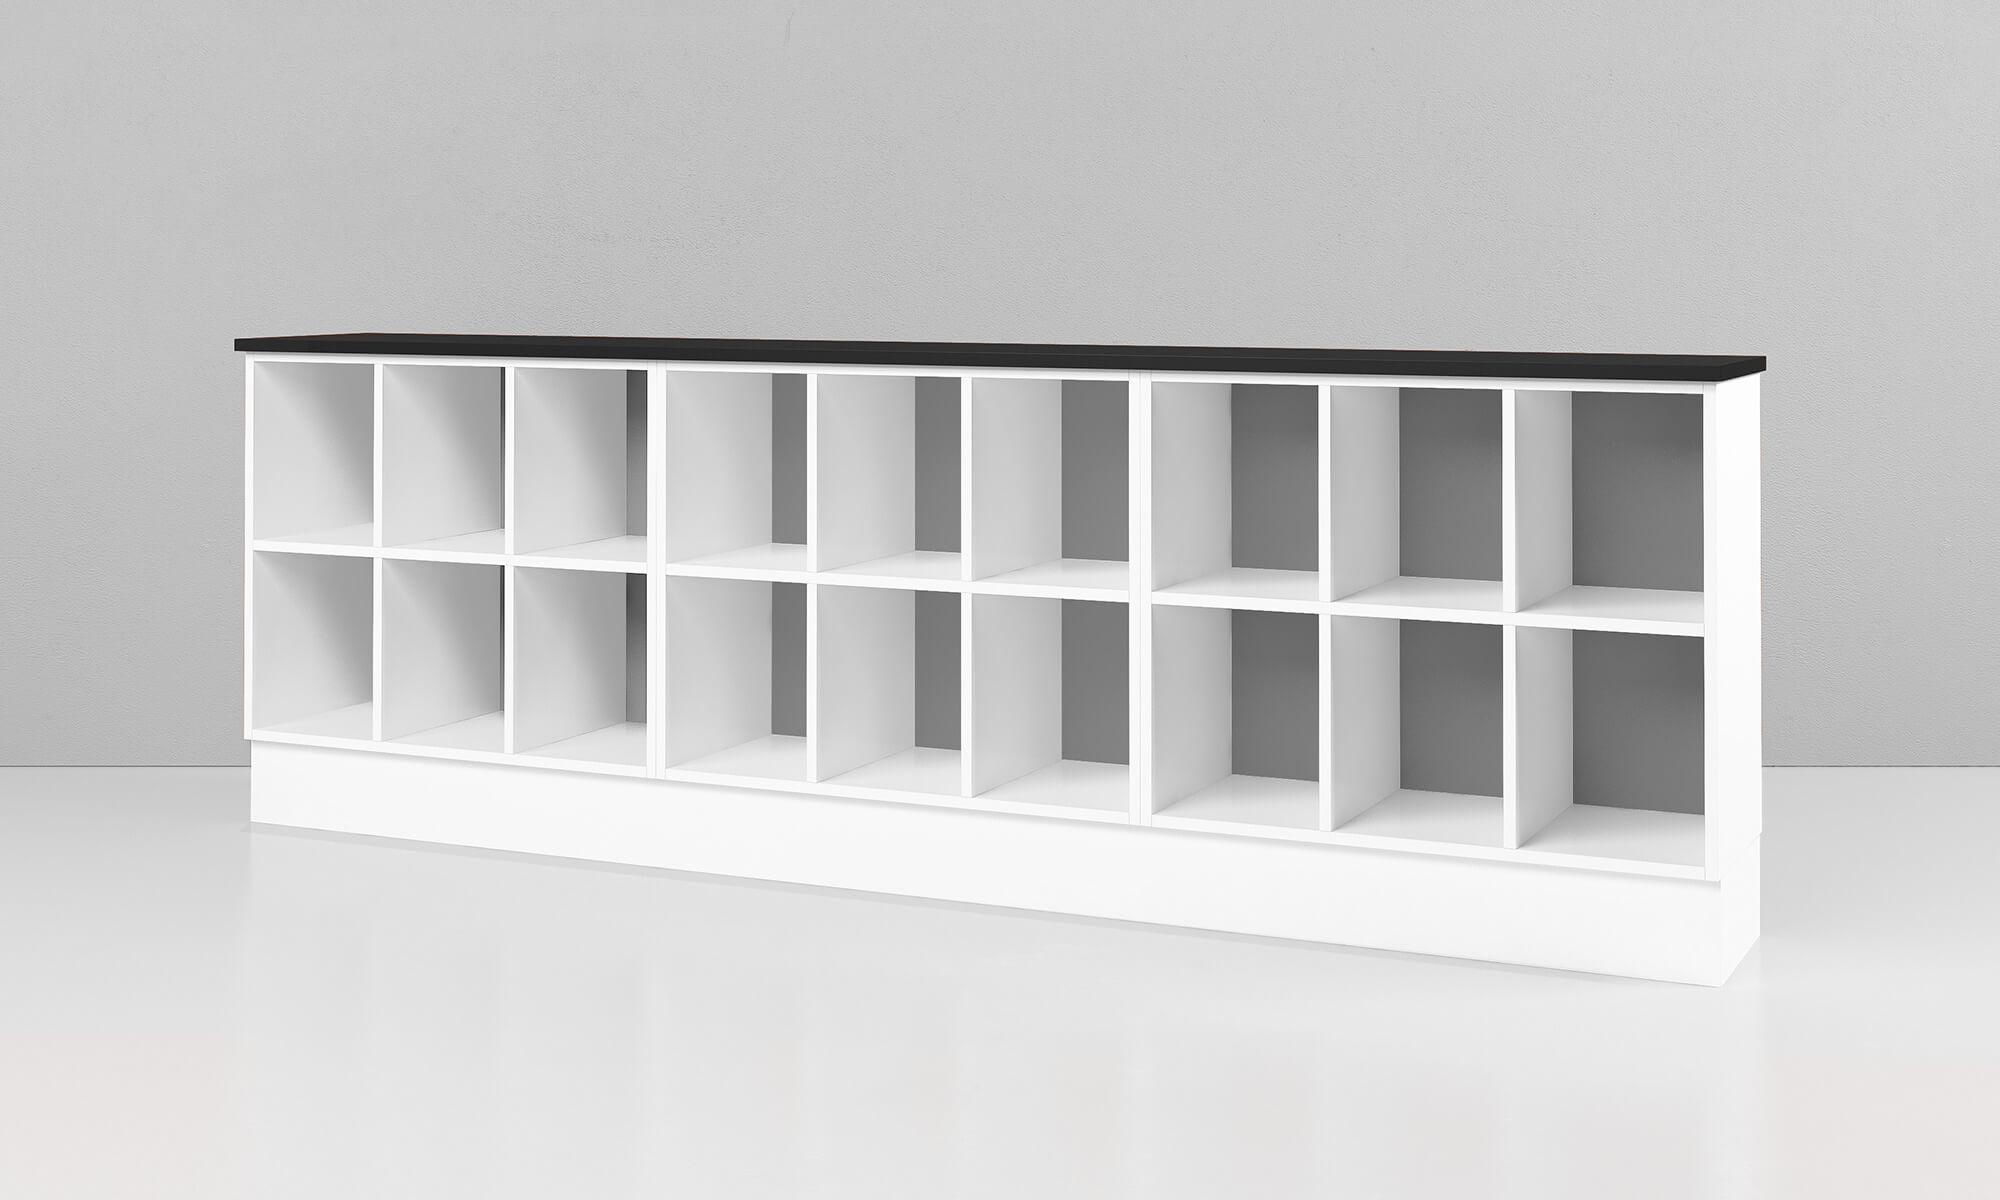 trece kombihyllan hylla förvaring kontor möbelfakta office furniture shelves